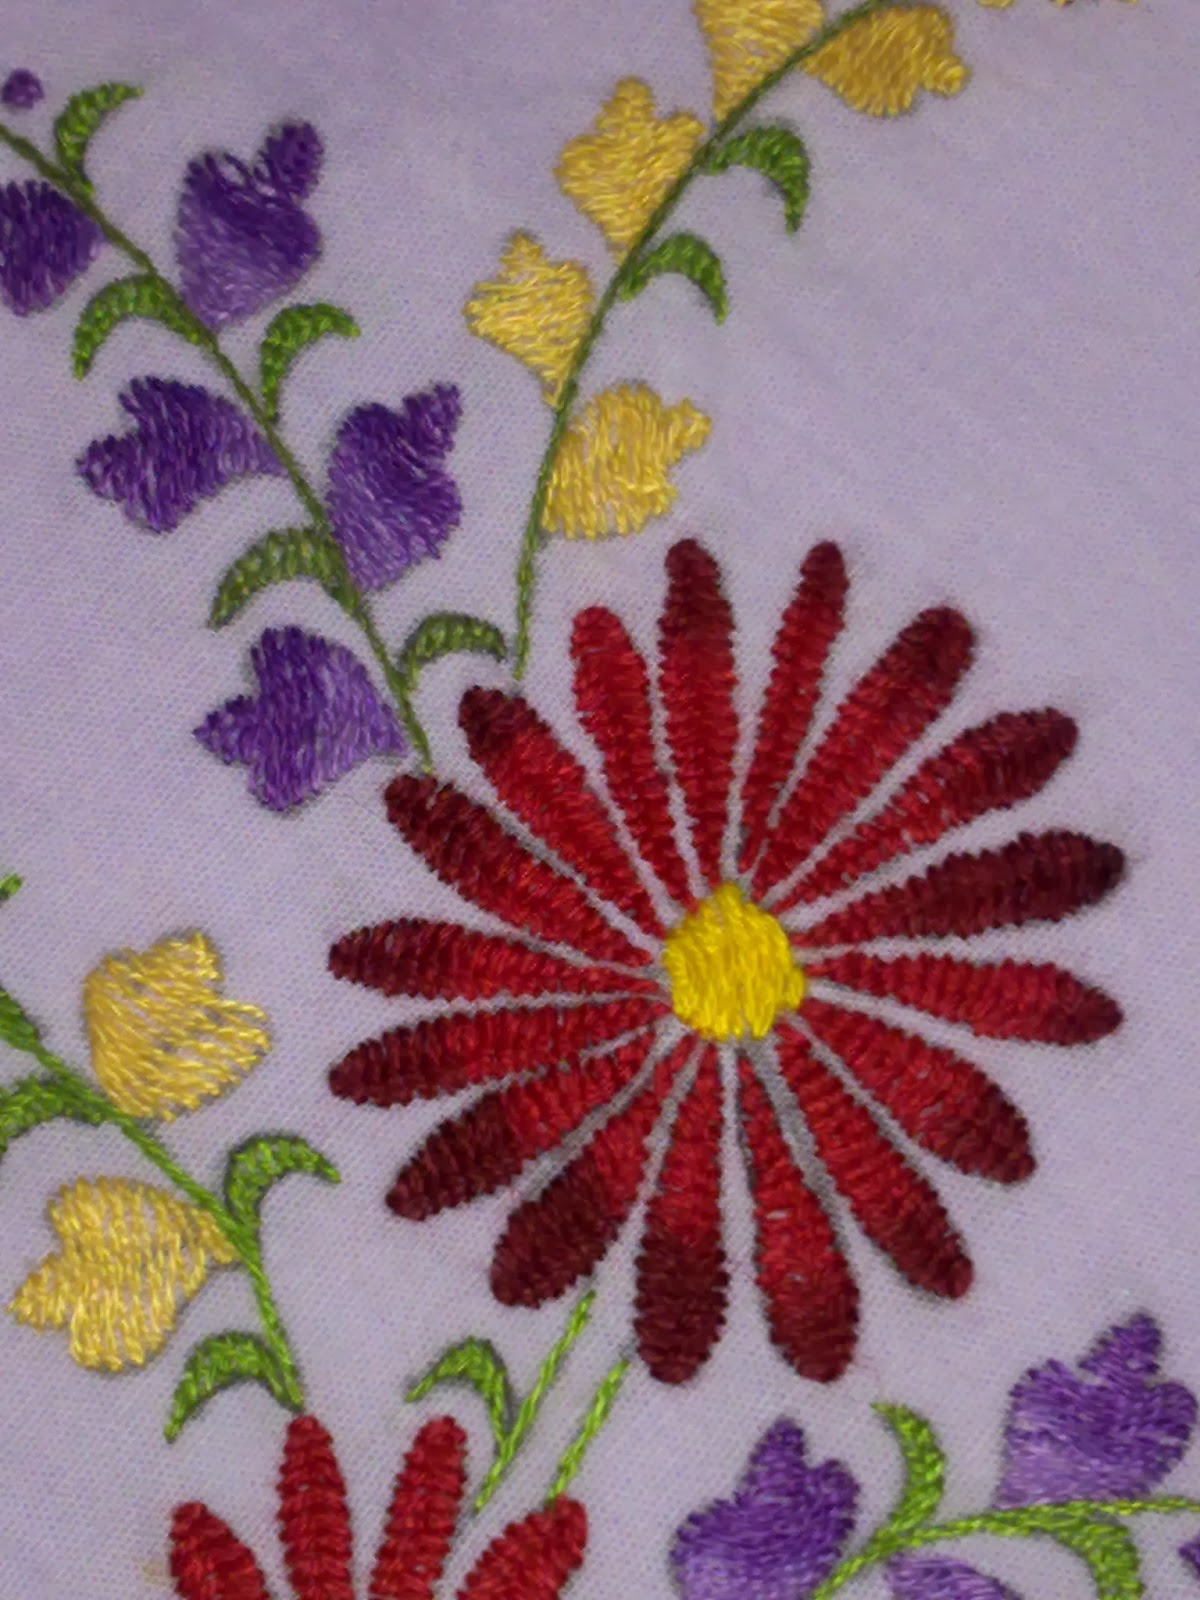 Herringbone Stitch Embroidery Designs